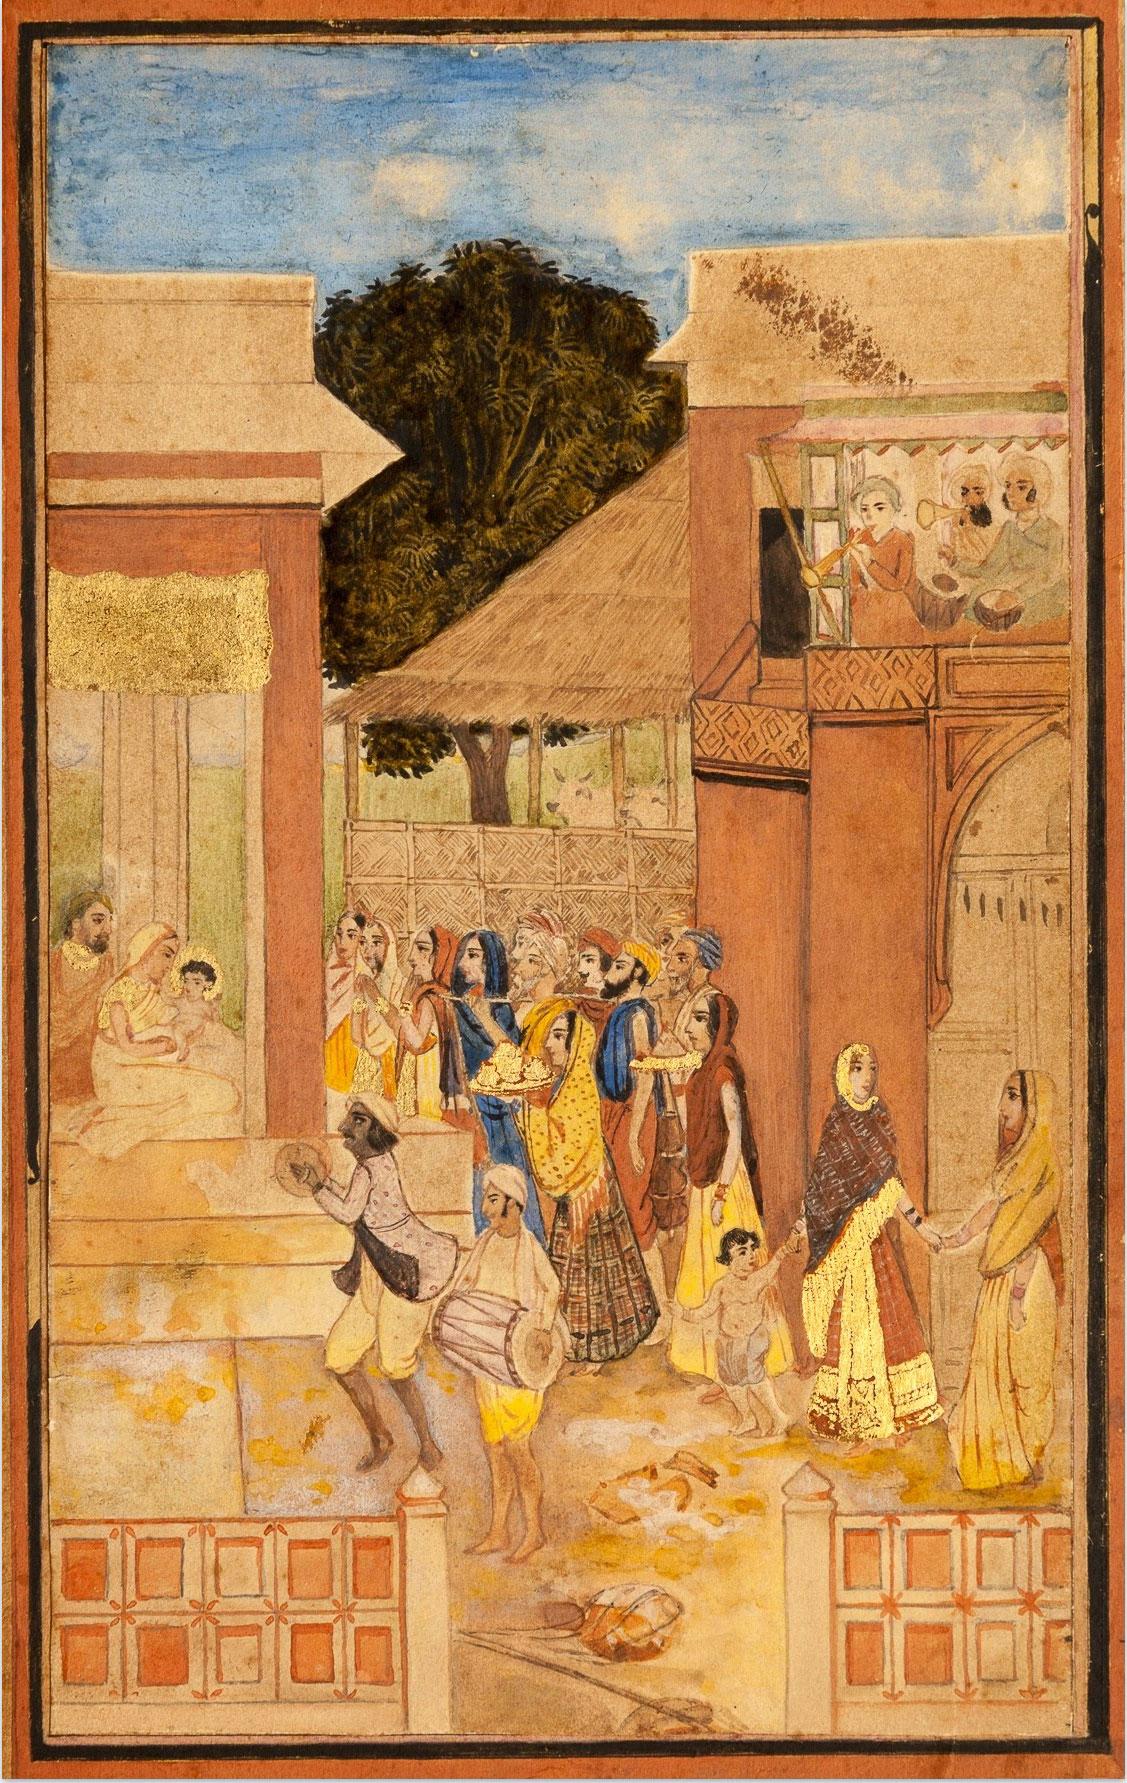 Birth of Krishna by Abanindranath Tagore 1895-1897